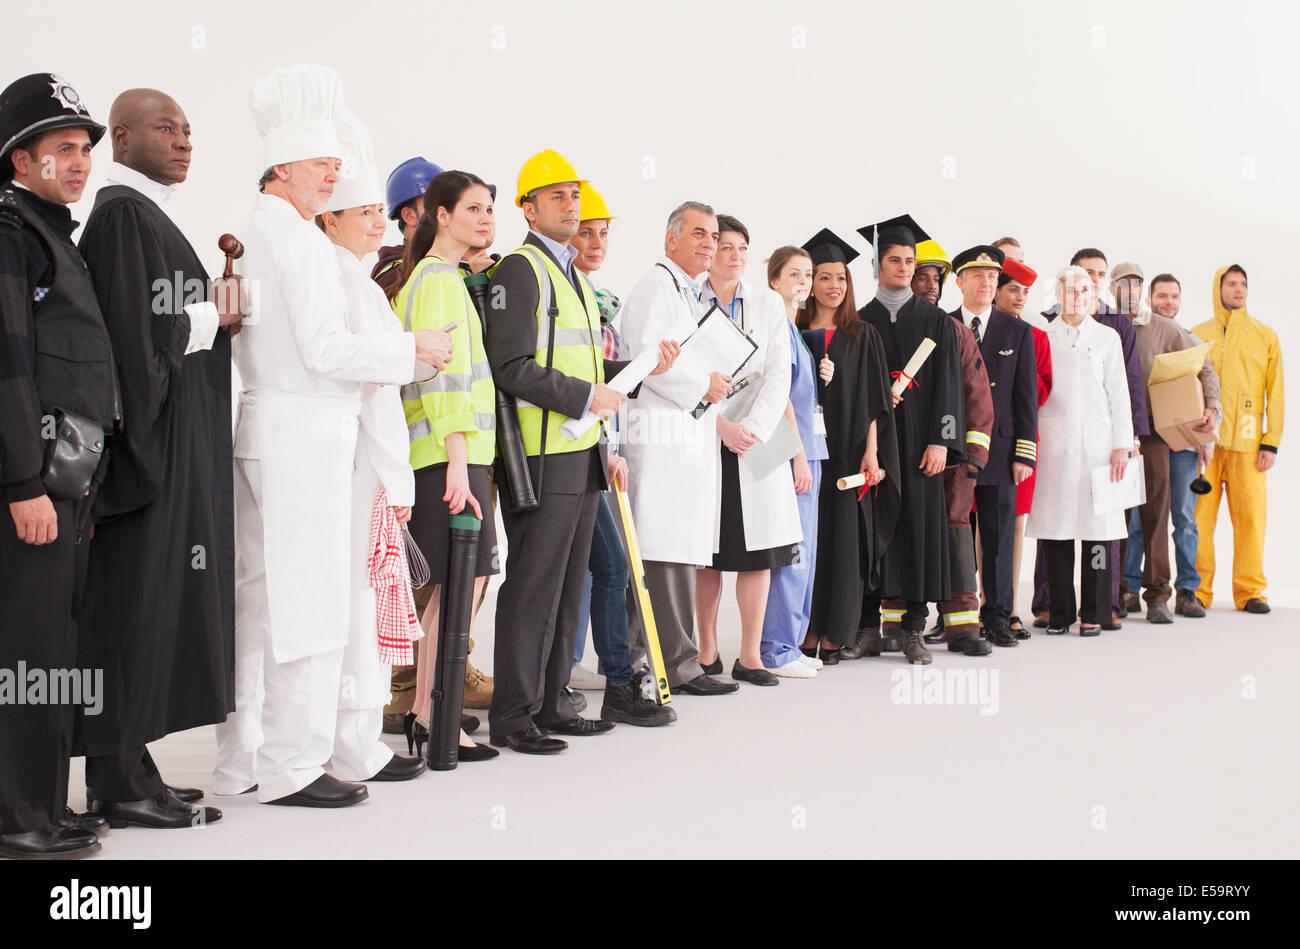 Diverse workforce - Stock Image